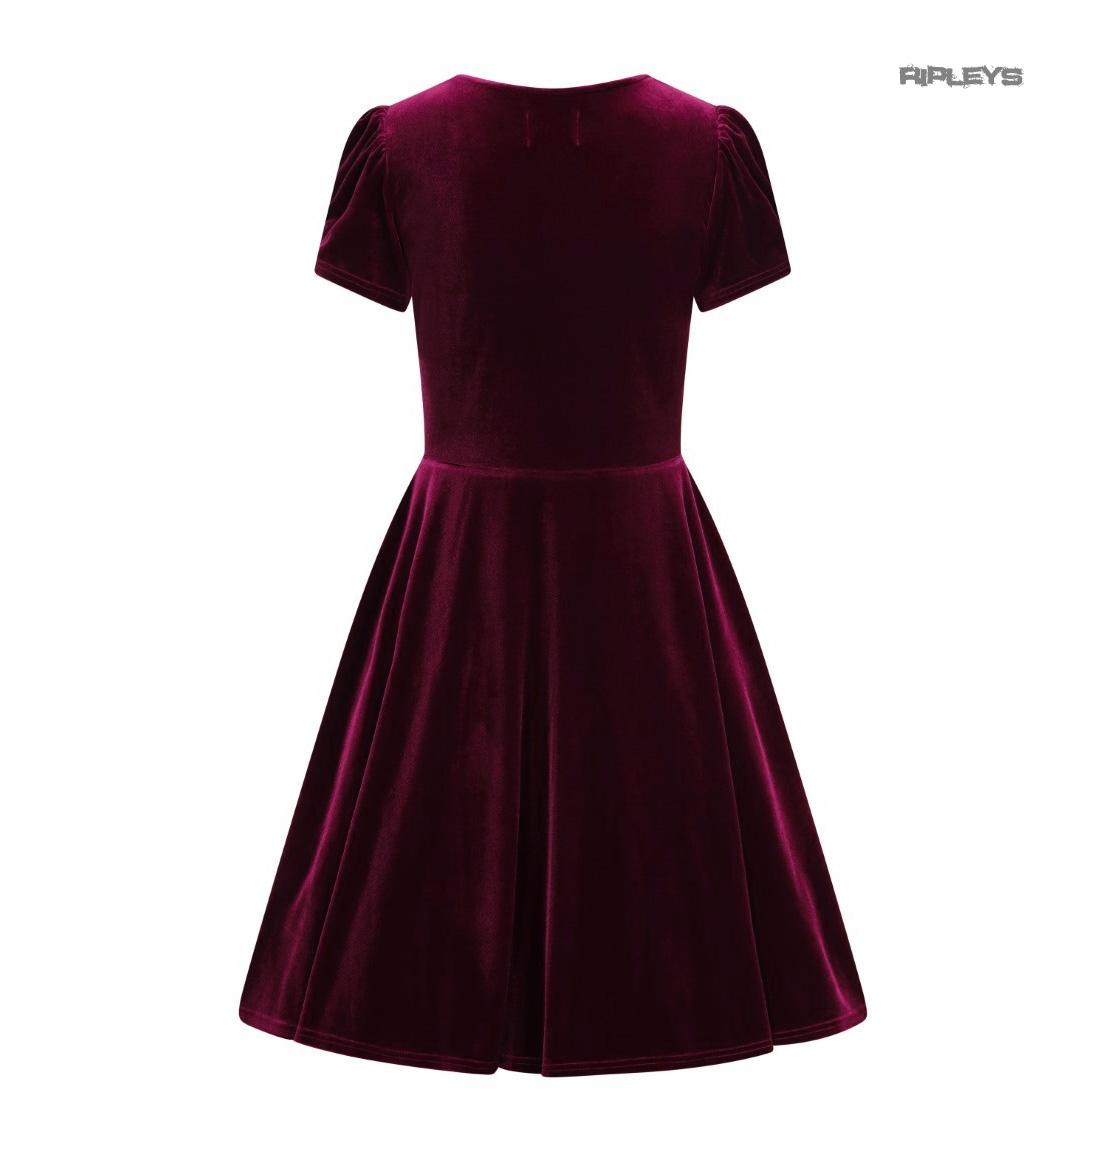 Hell-Bunny-40s-50s-Elegant-Pin-Up-Dress-JOANNE-Crushed-Velvet-Burgundy-All-Sizes thumbnail 18